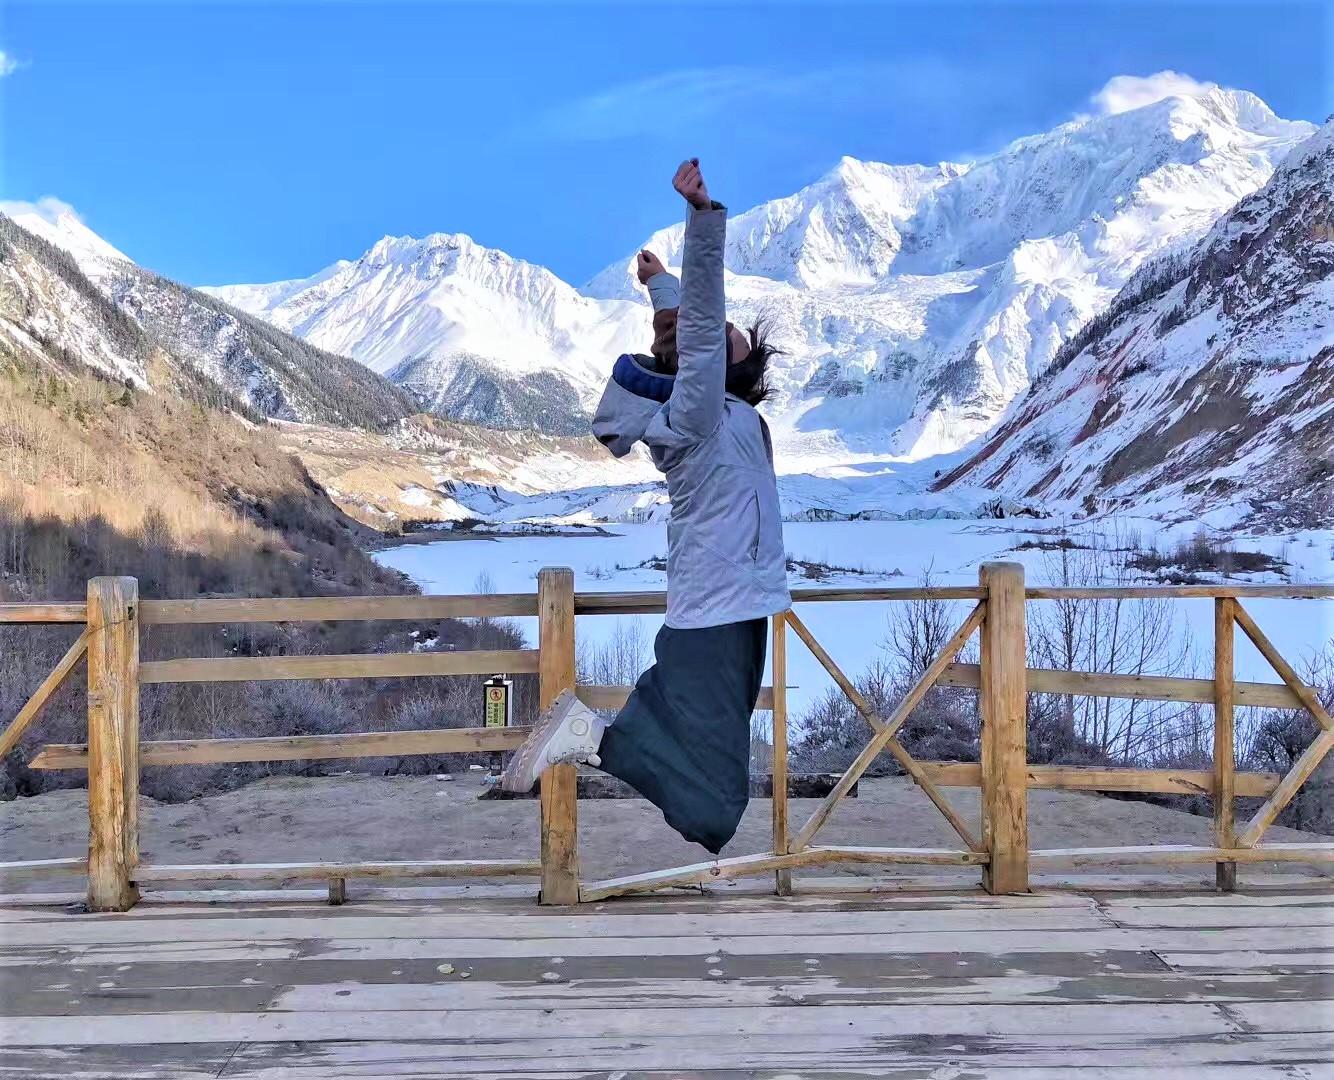 夢迴西藏推薦好評-201903   專業西藏旅遊服務。值得推薦的西藏旅行社-夢迴西藏